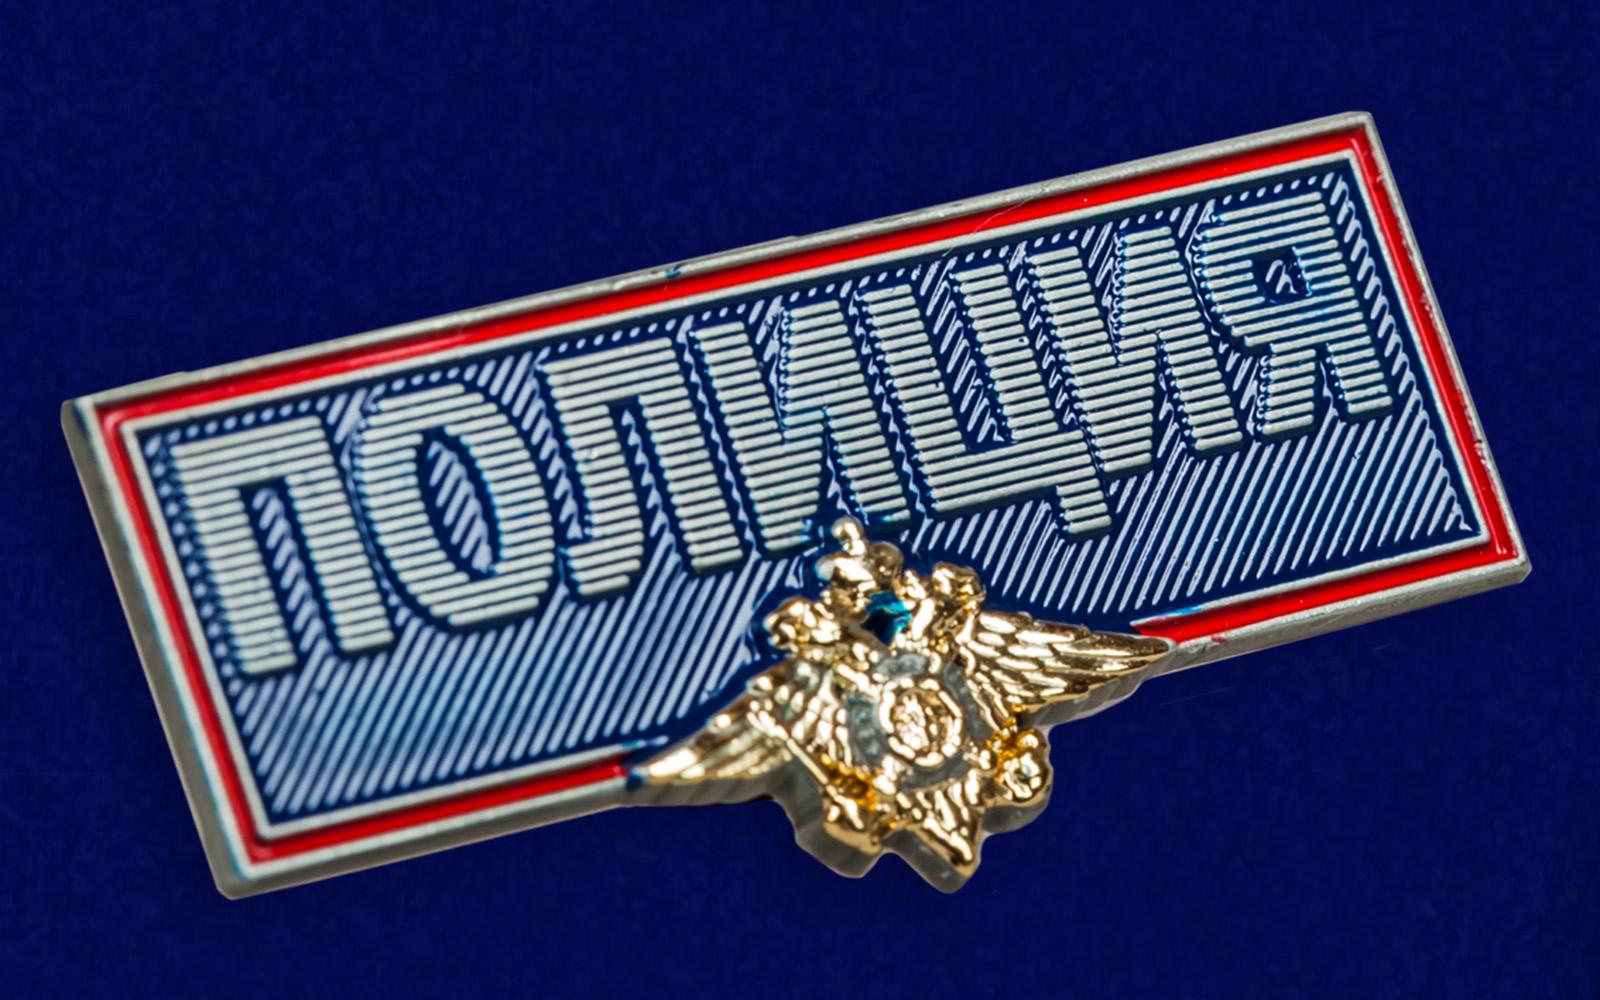 Купить полицейский шильд (металлический, цветной) по выгодной цене